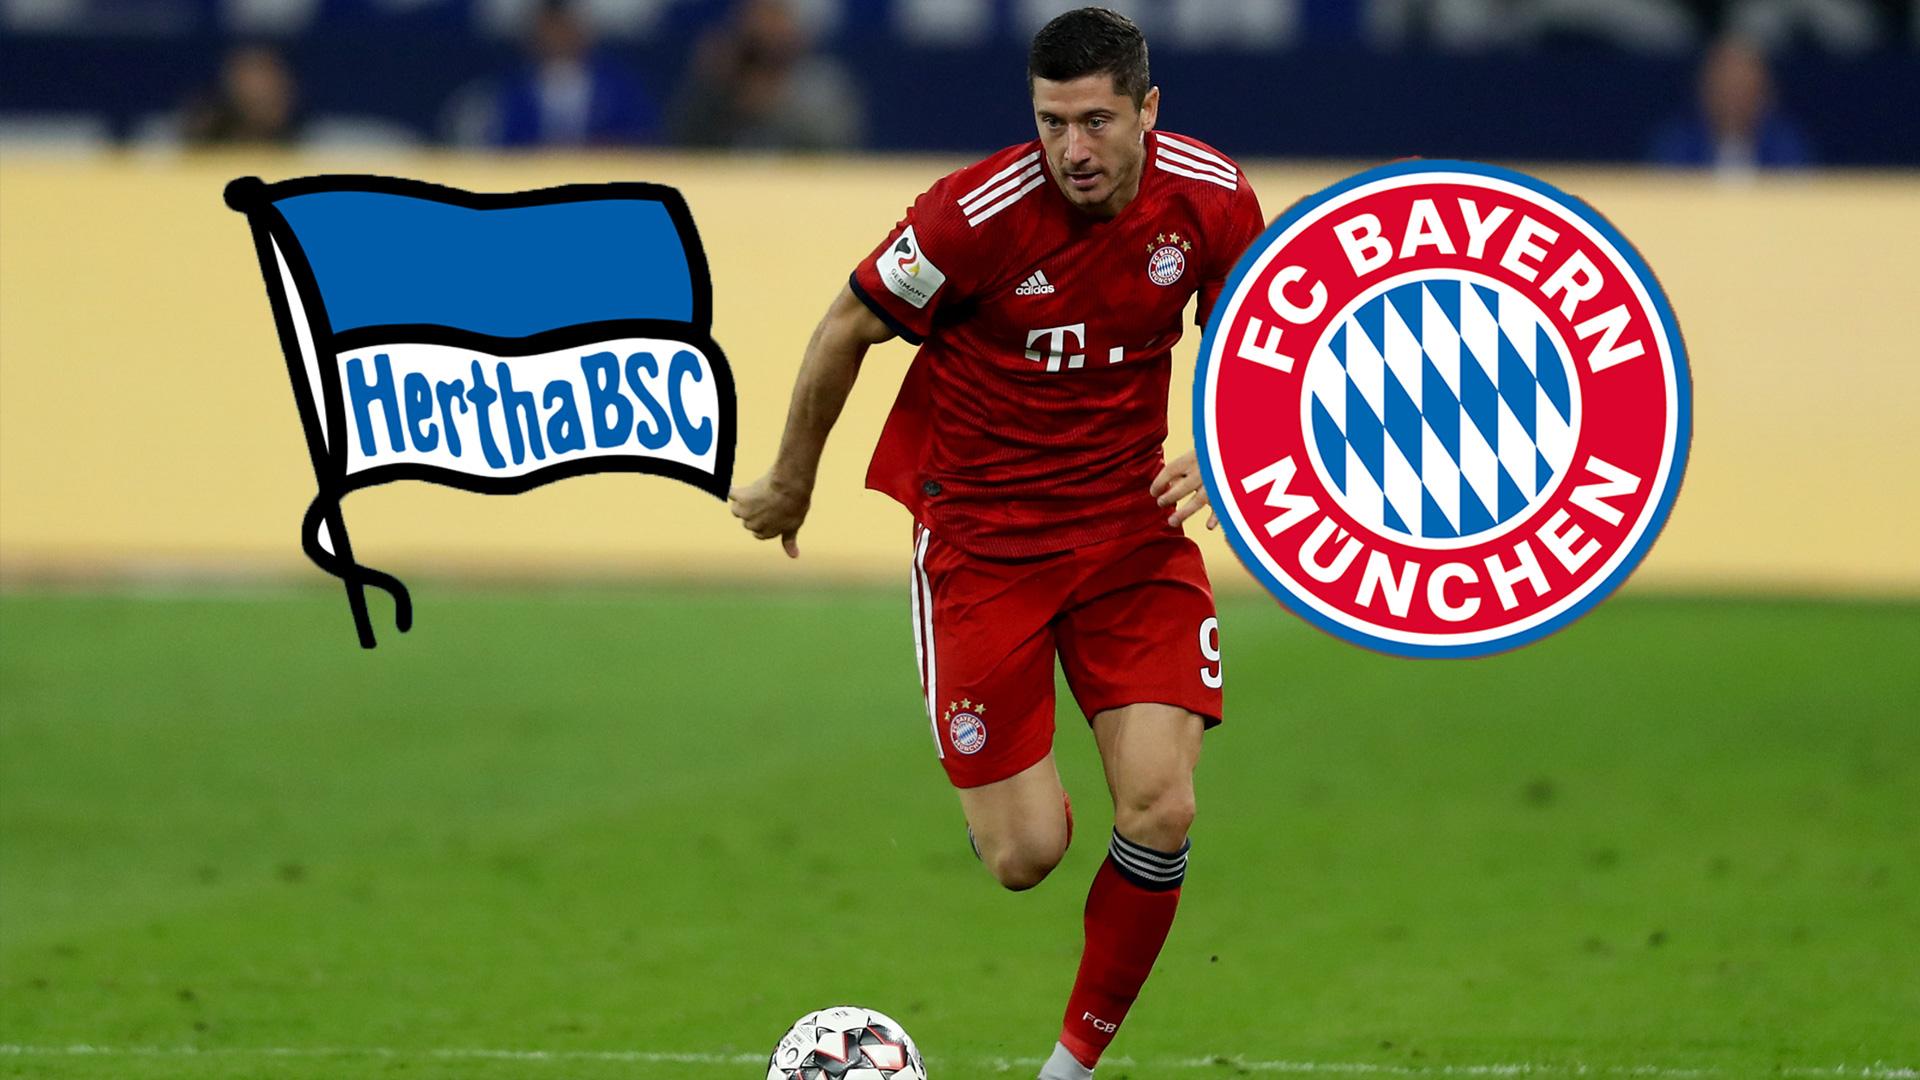 Hertha Bsc Gegen Fc Bayern Munchen Fussball Heute Live Im Tv